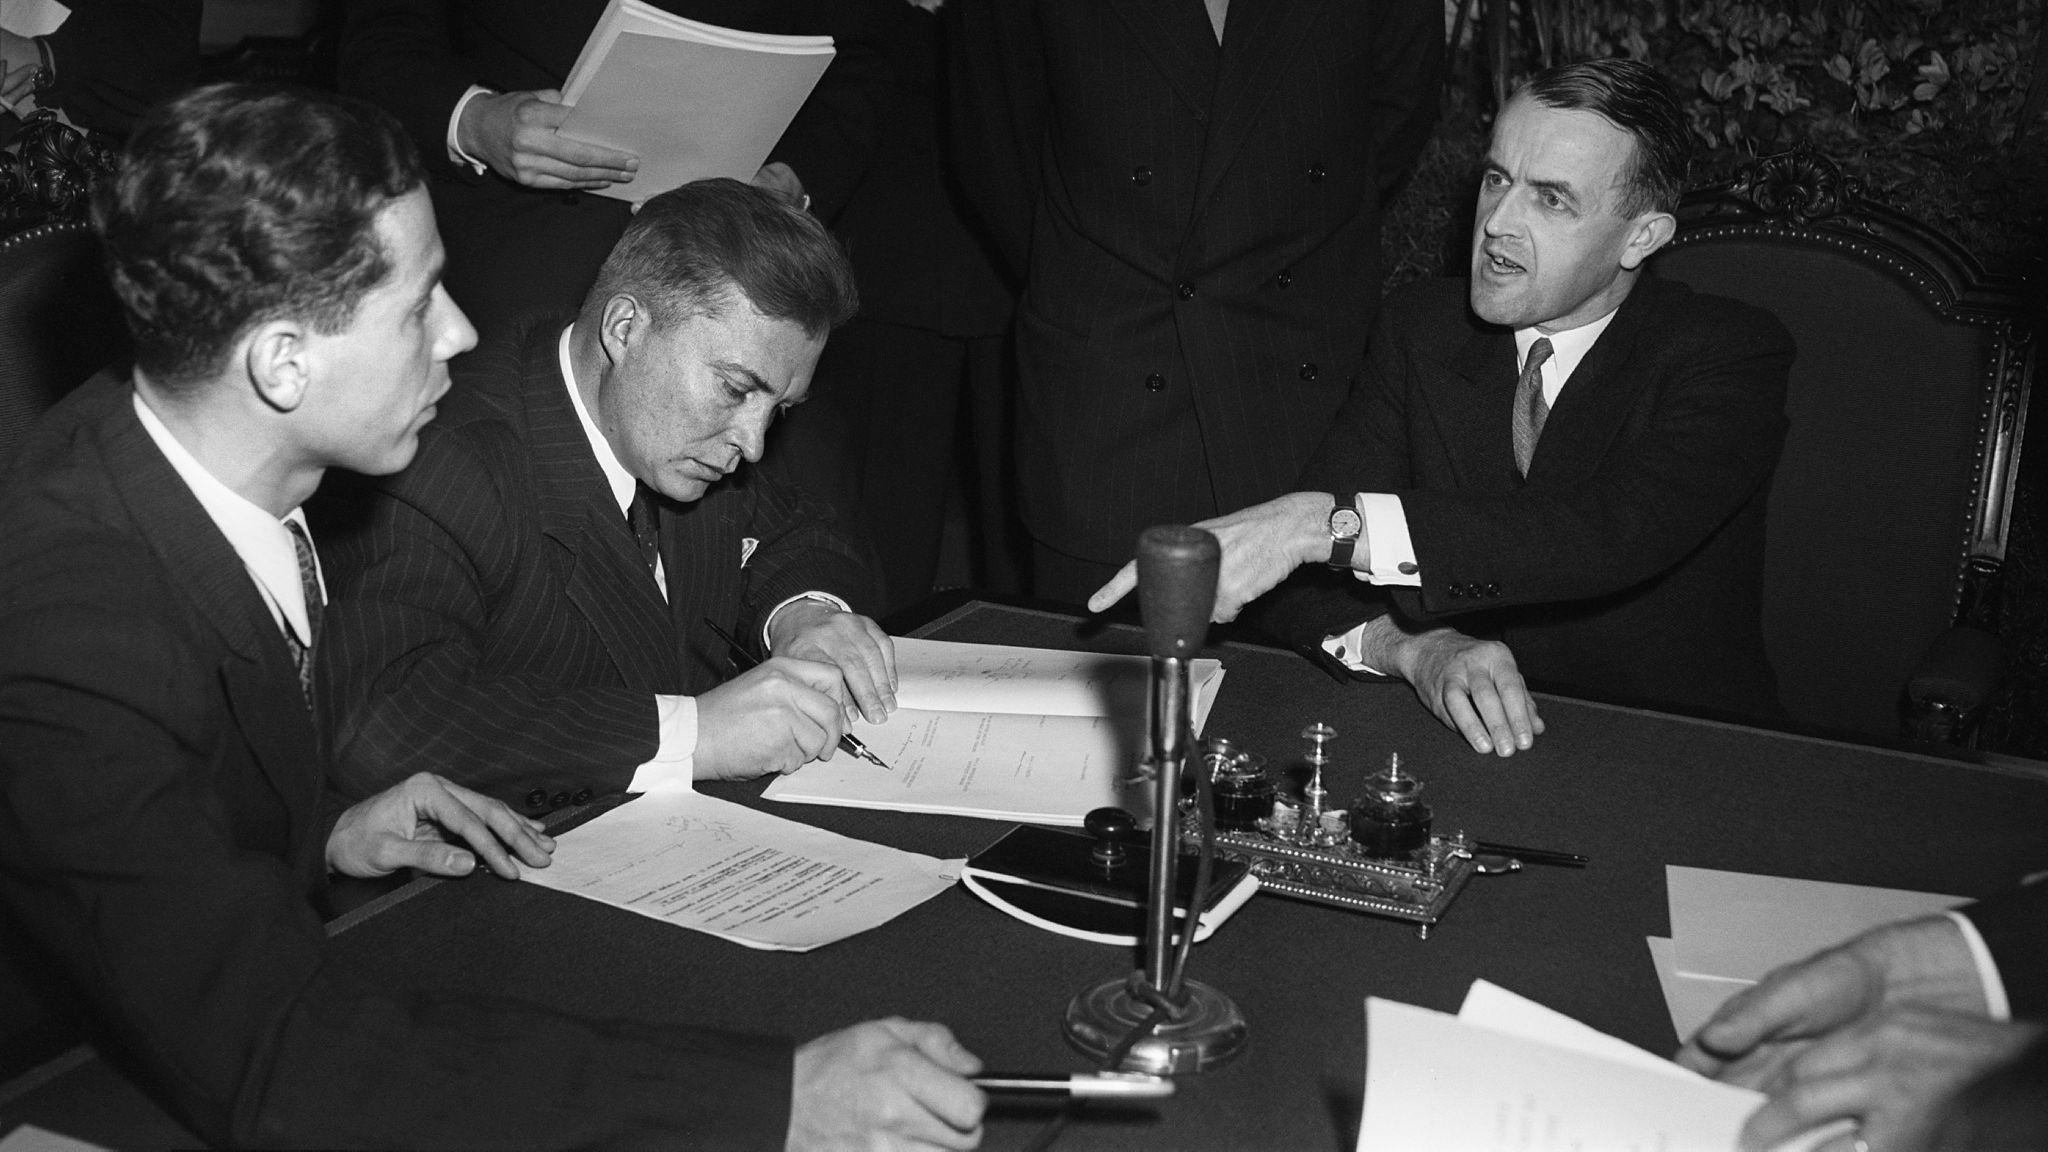 Am 12.8.1949 zeigt der Schweizer Bundesrat Max Petitpierre (r) dem Chefdelegierten der Sowjetunion, General Nikolai Slawin (m), wo er unterzeichnen soll.